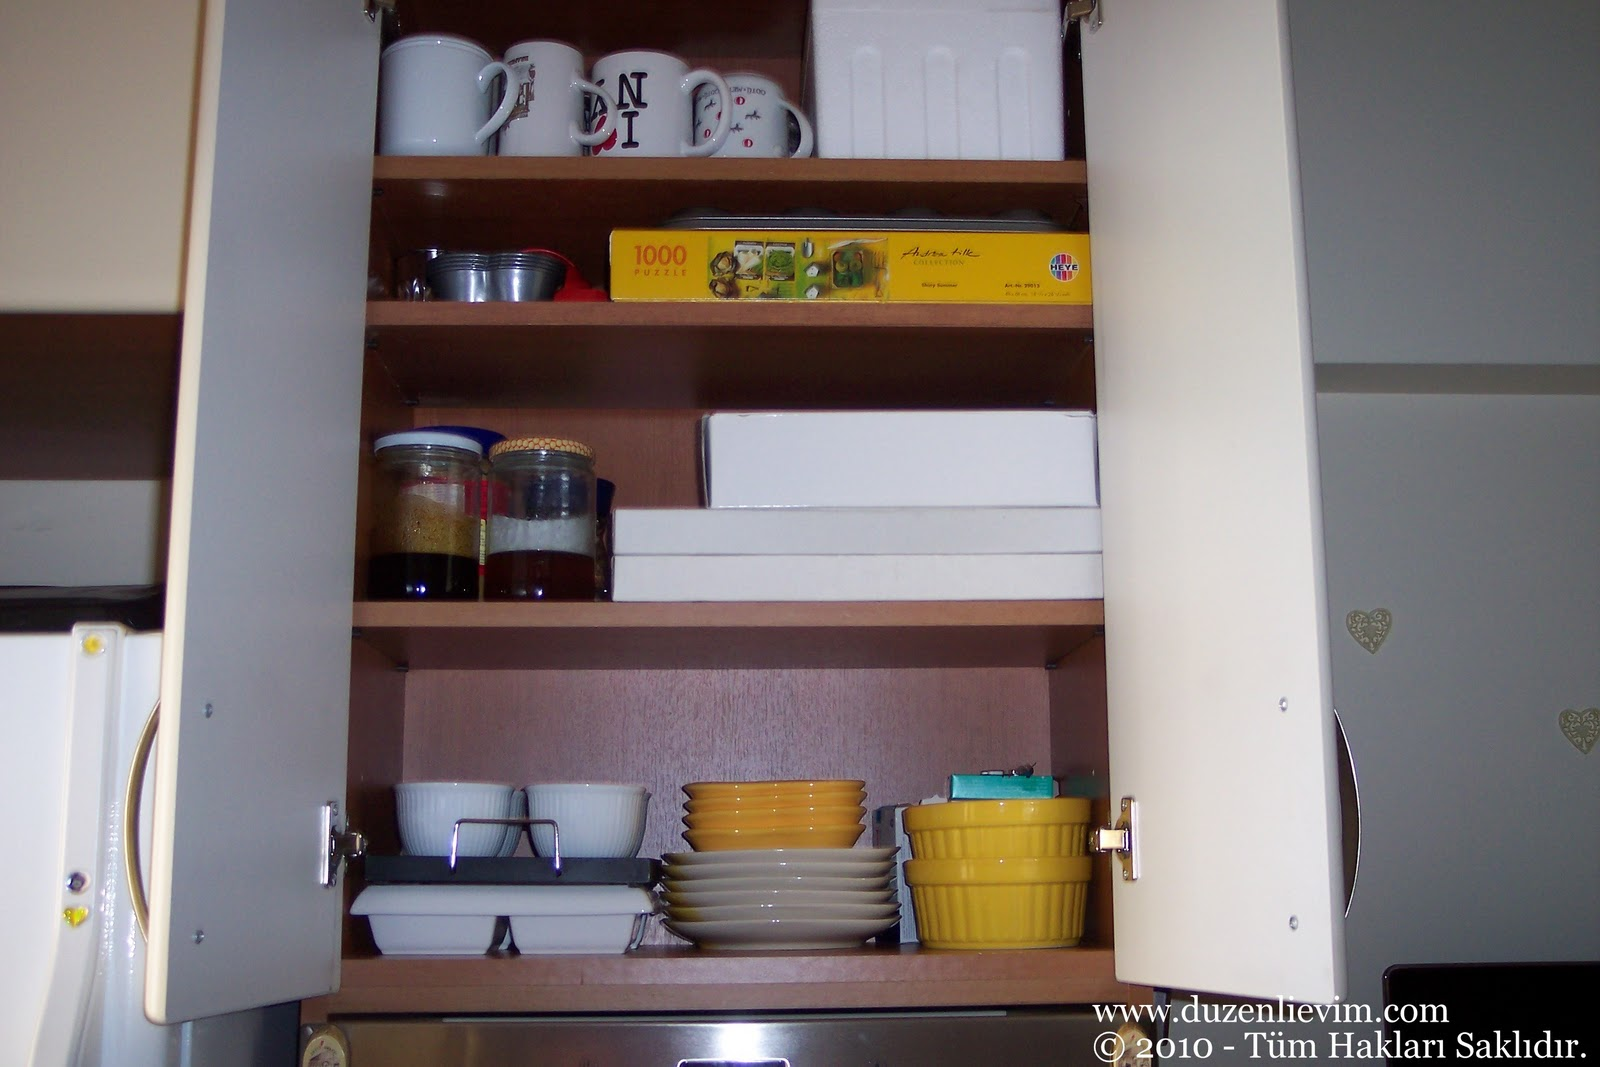 Düzenli bir mutfak için öneriler